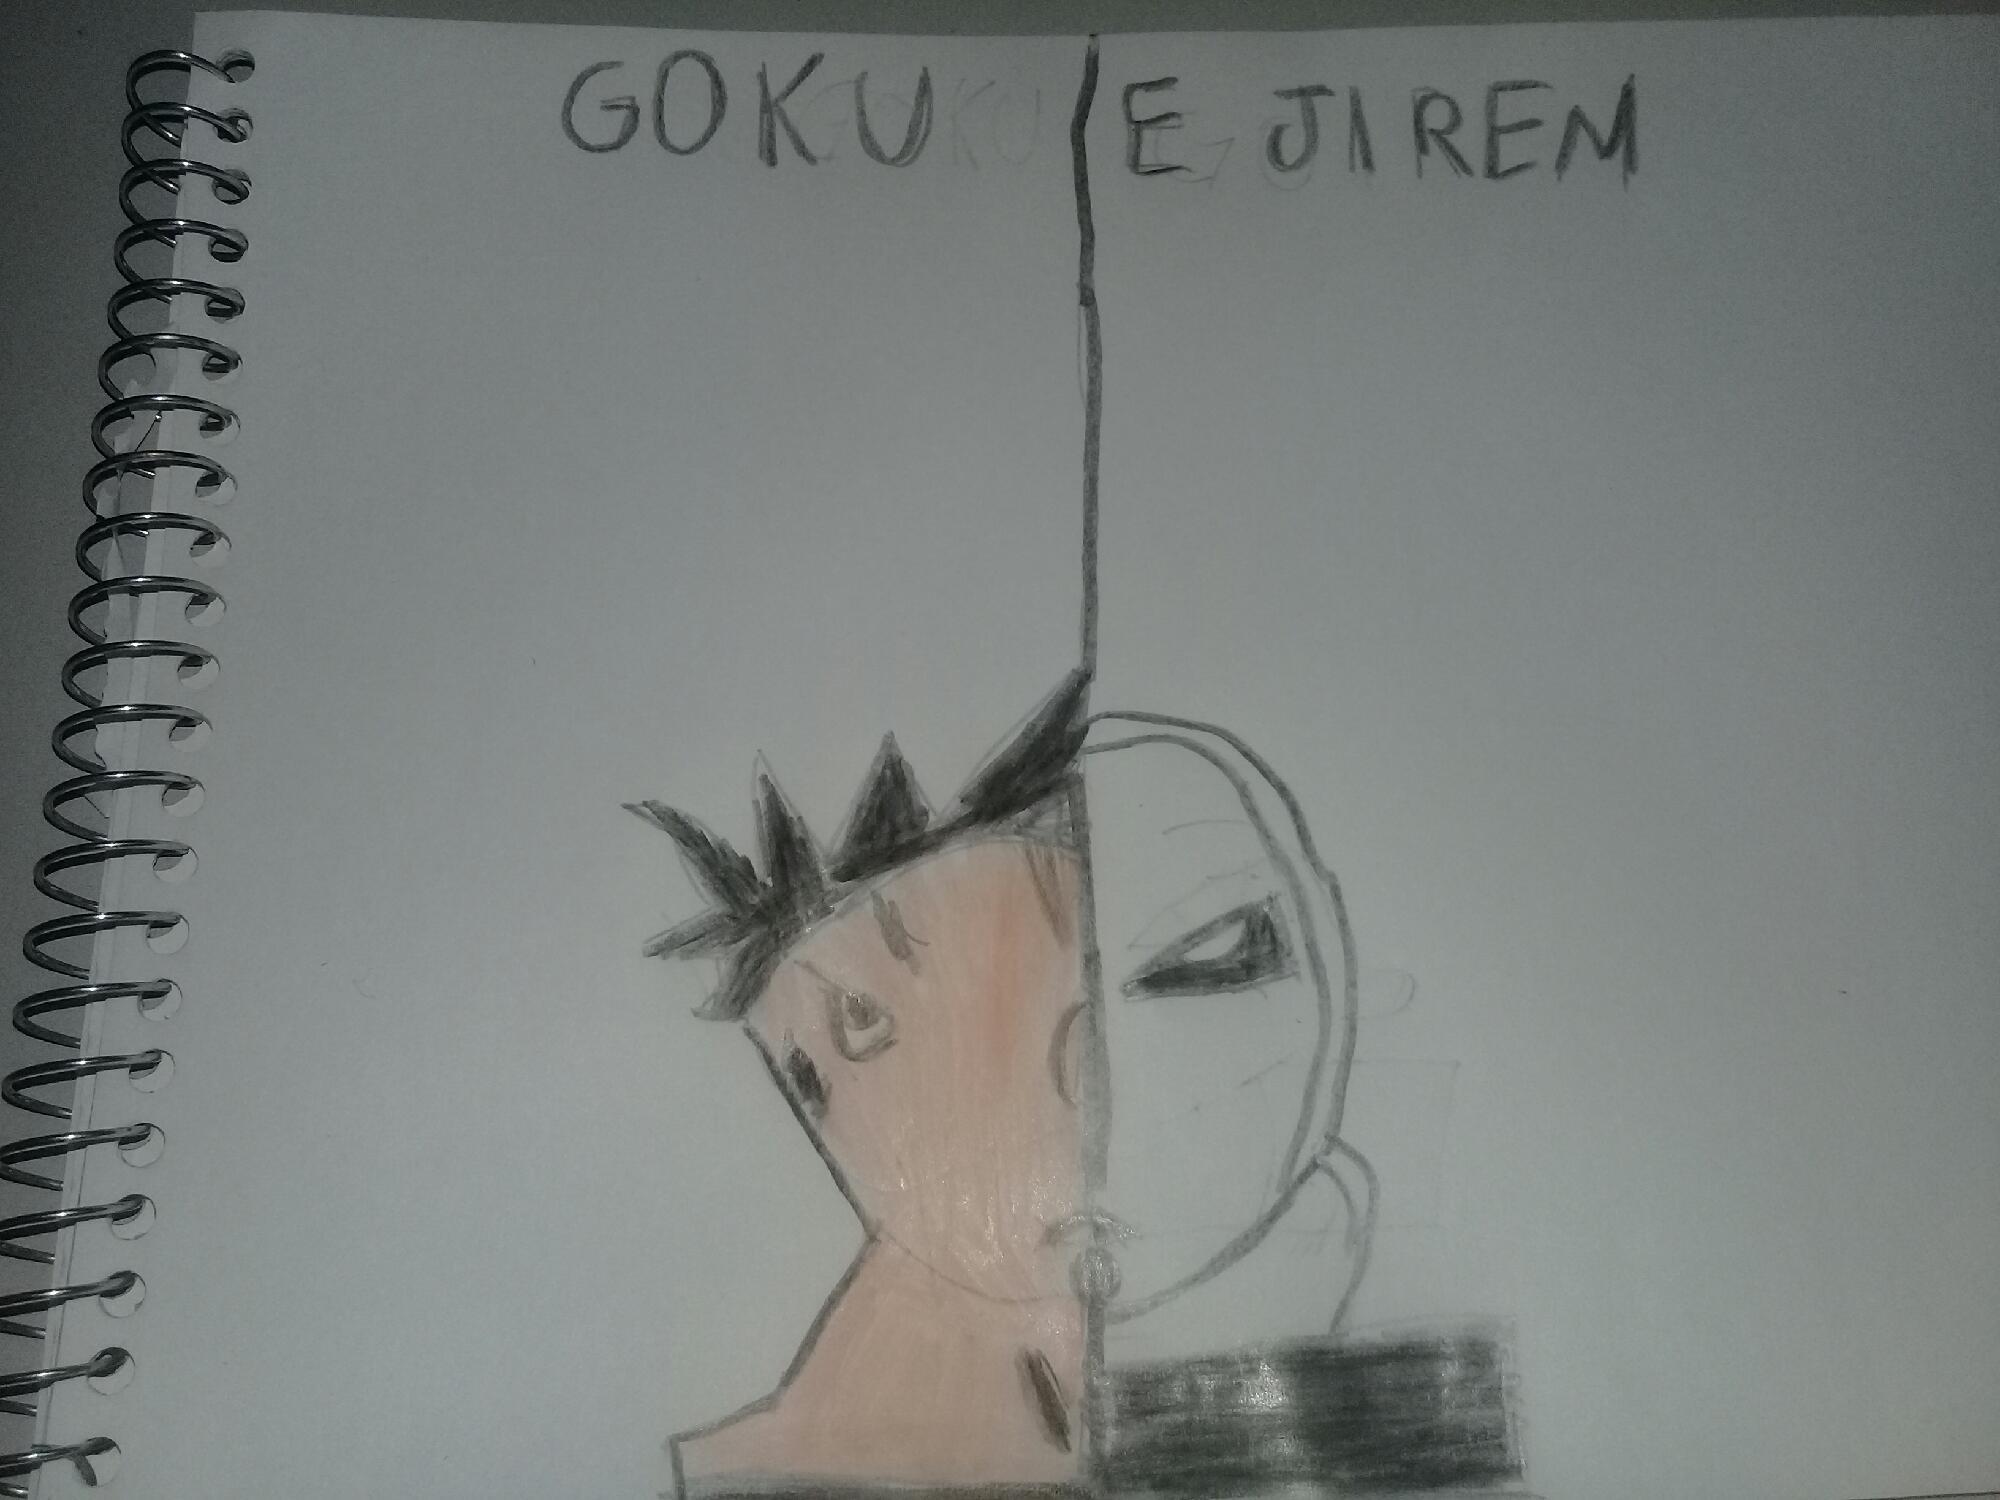 GOKU E JIREM